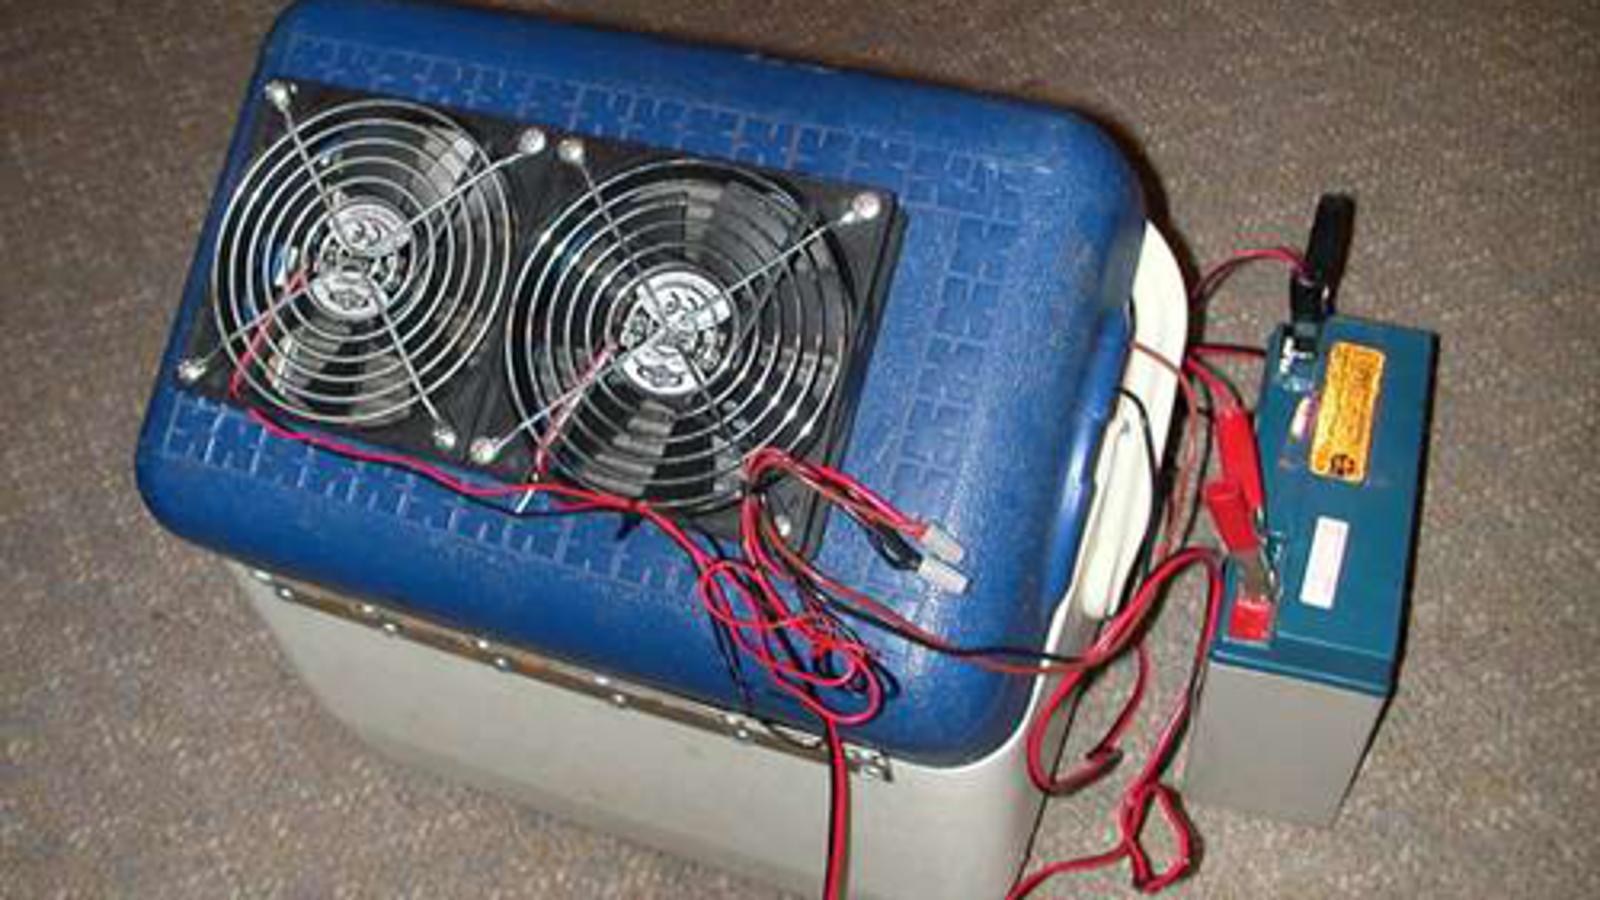 Build a DIY Portable Air Conditioner